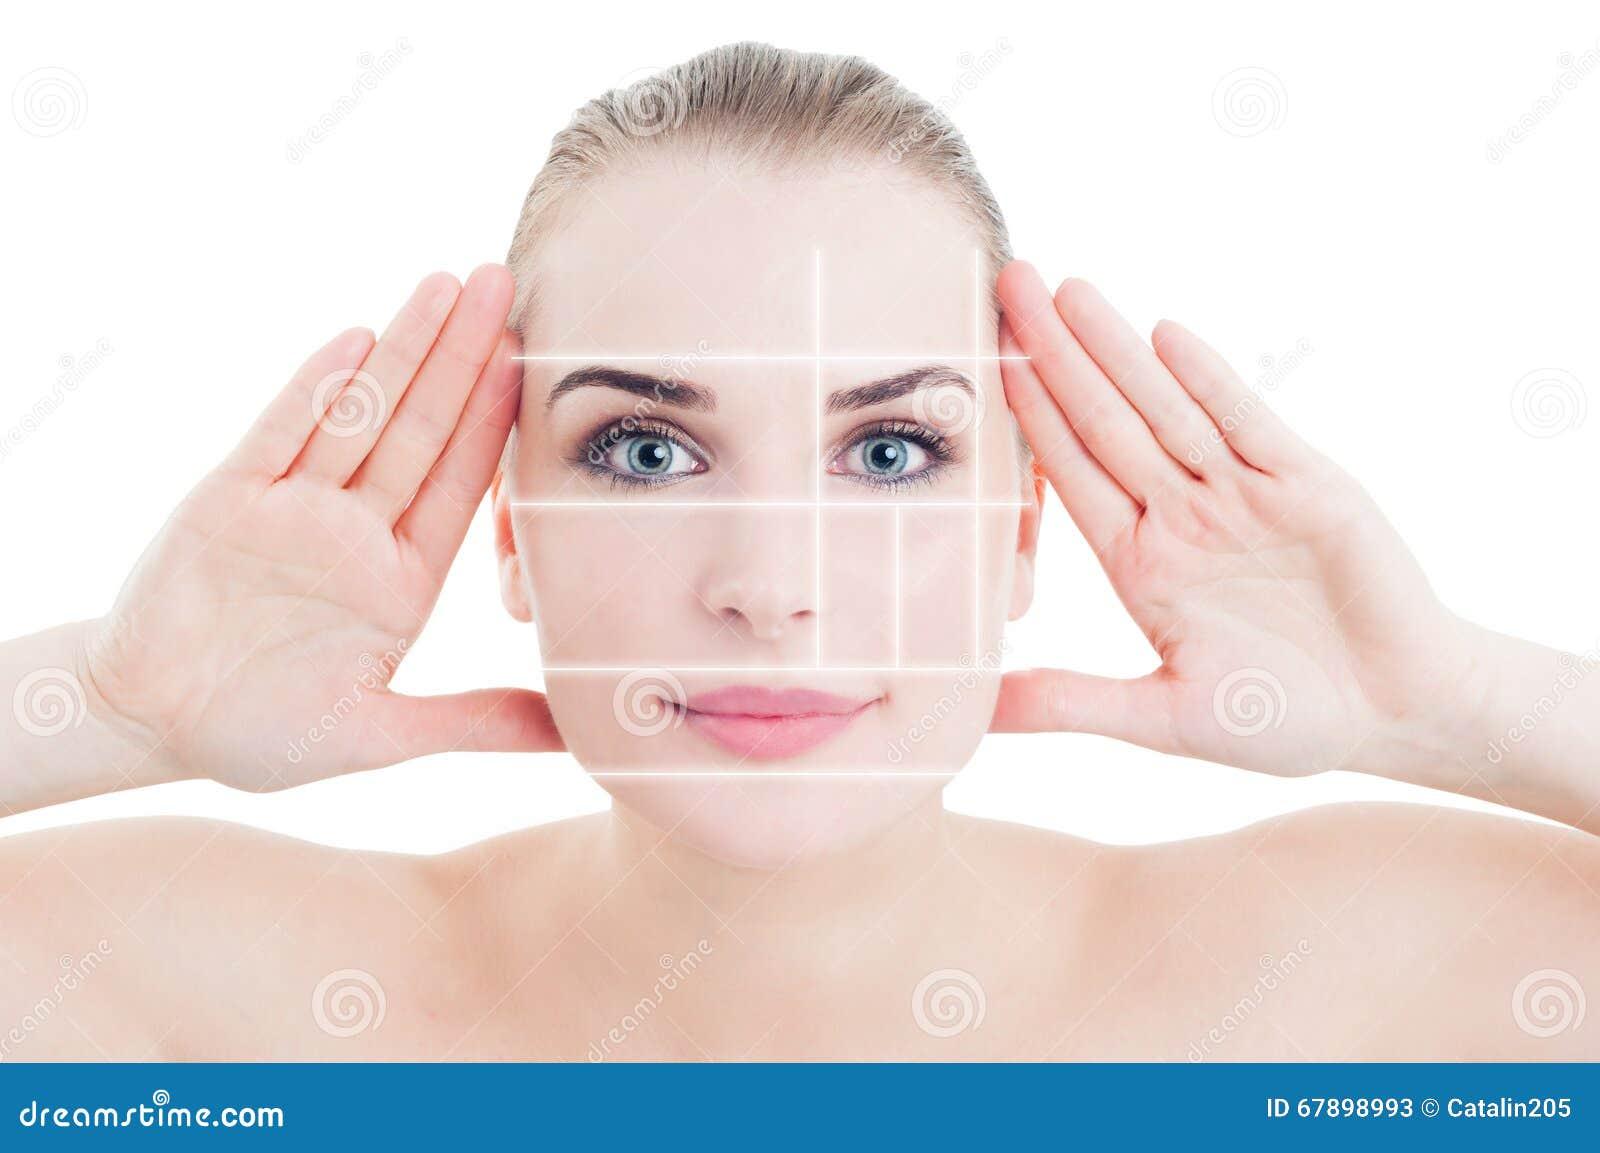 Le portrait de la femme avec la peau parfaite s est divisé par des marques